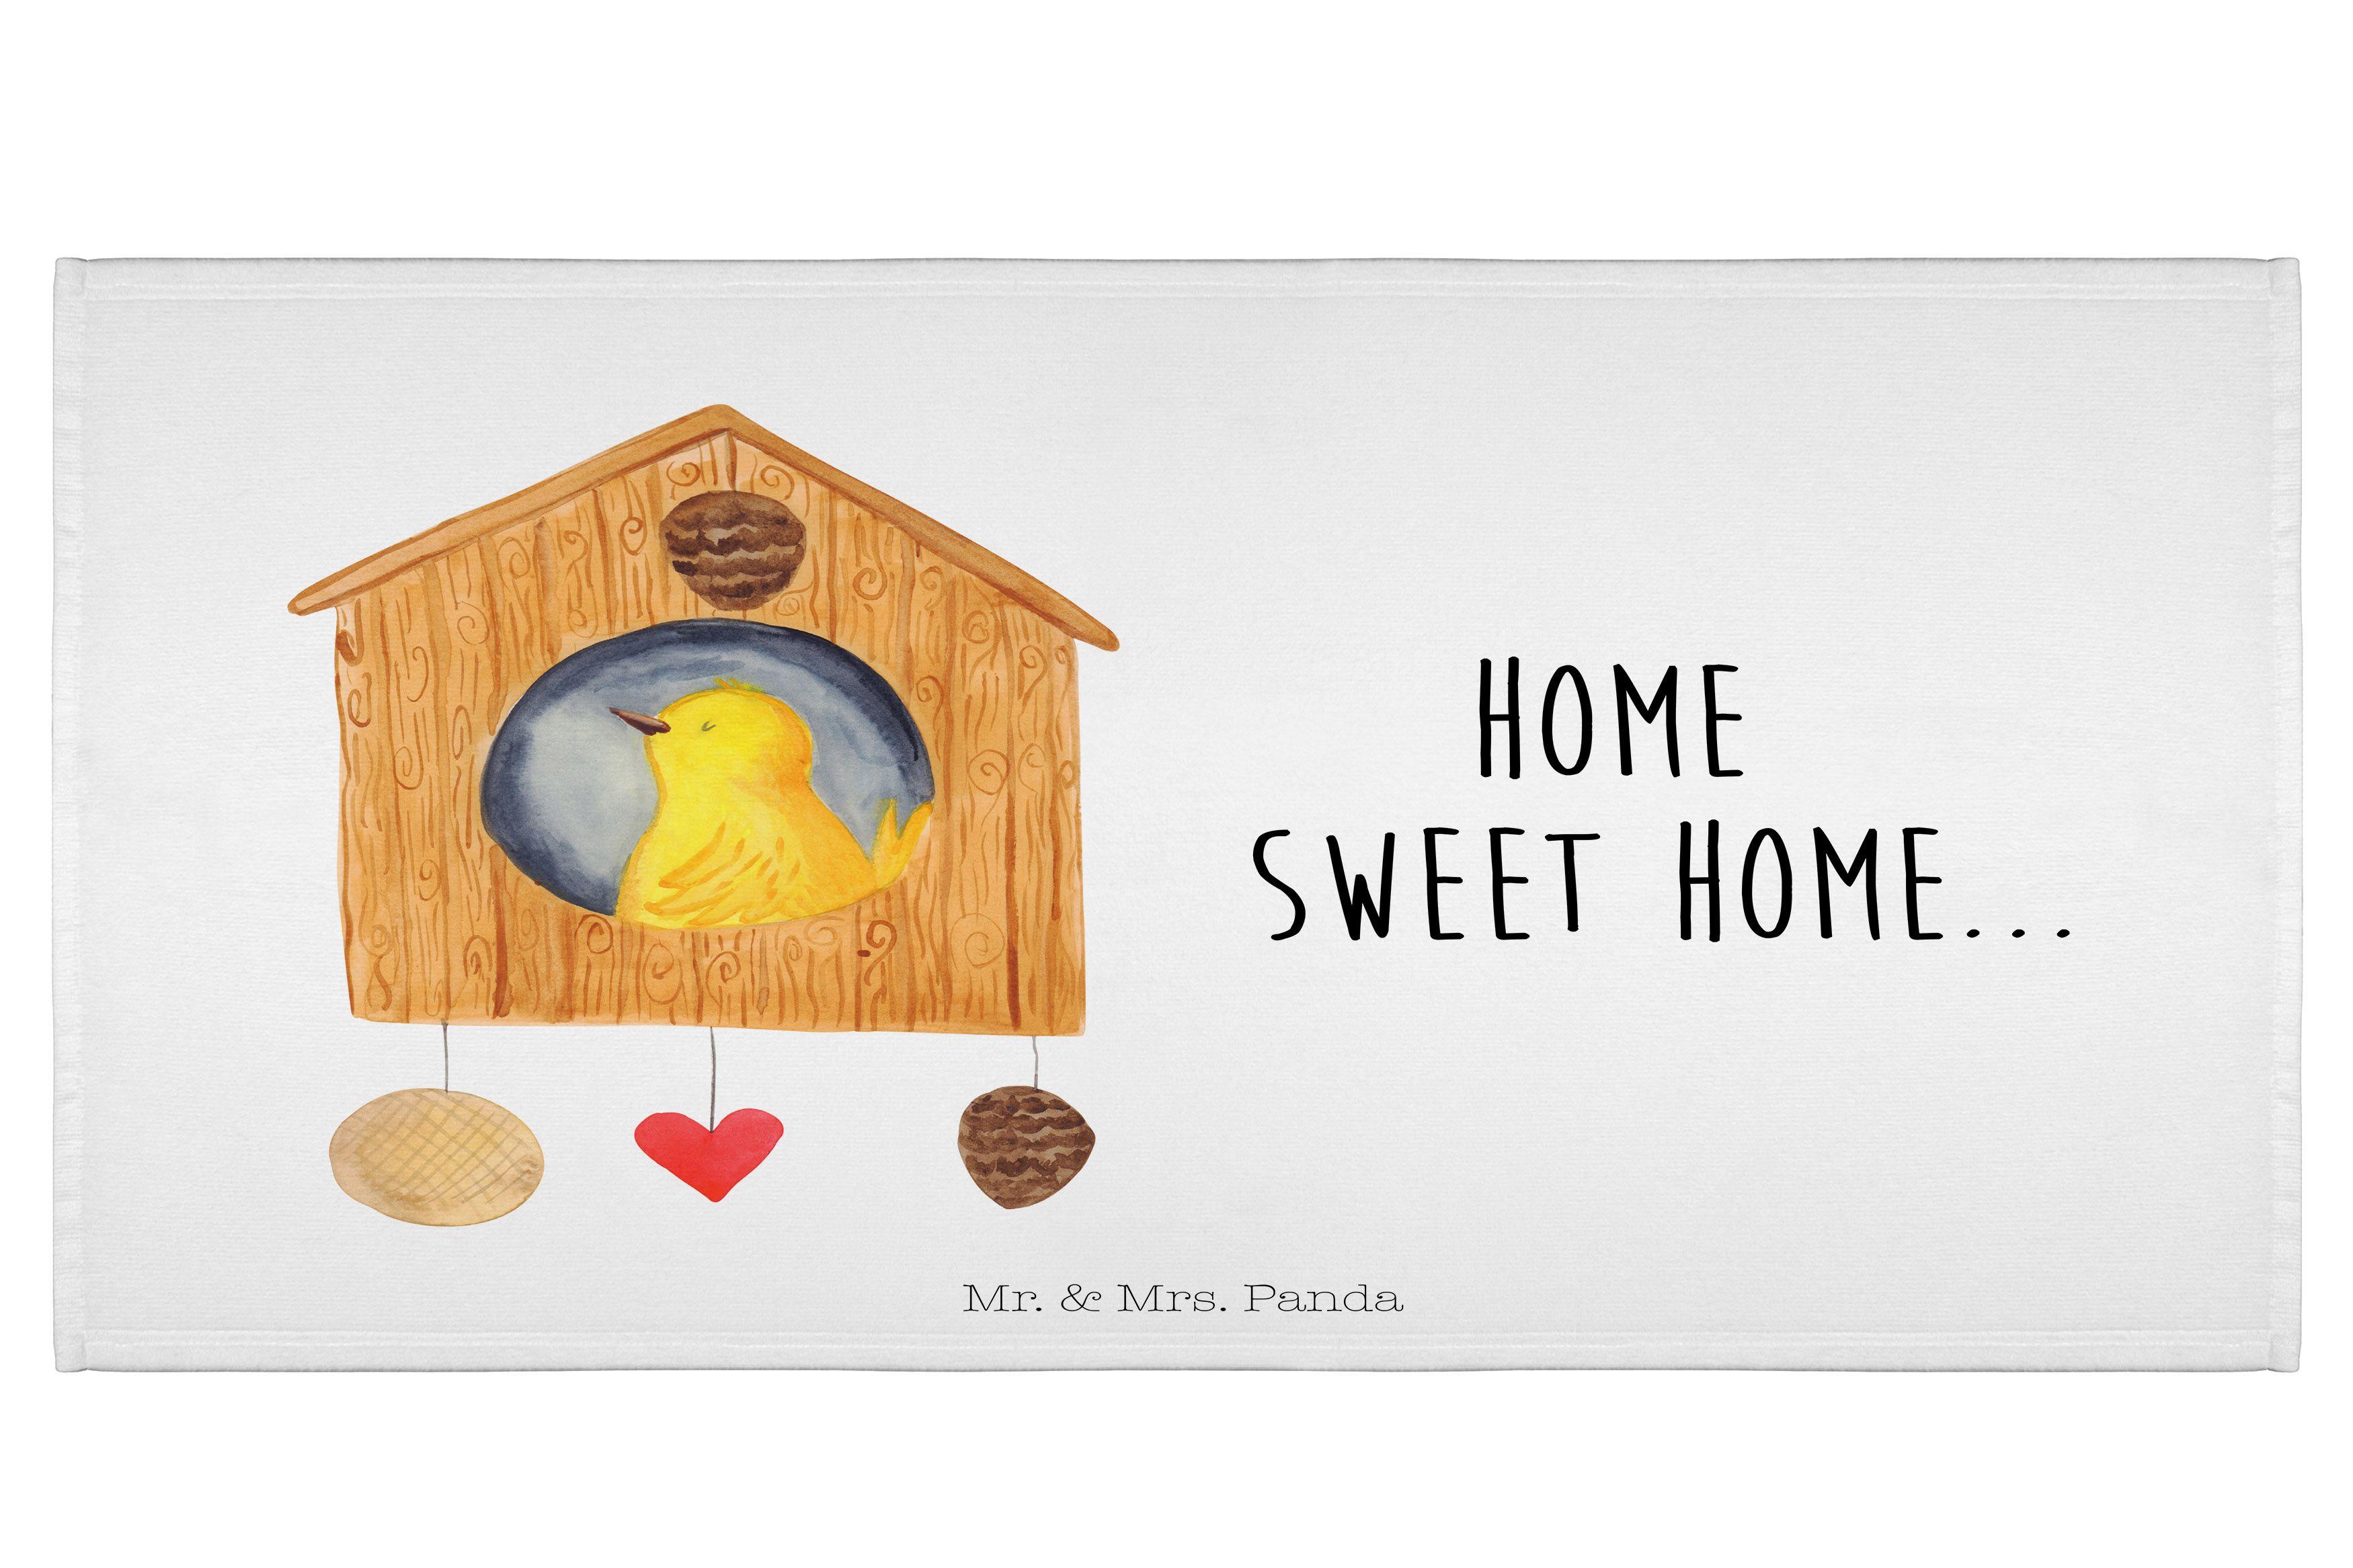 70 x 140 Handtuch Vogelhaus sweet Home aus Kunstfaser  Natur - Das Original von Mr. & Mrs. Panda.  Dieses wunderschöne Handtuch von Mr. & Mrs. Panda hat die Größe 70 x 140 cm und ist perfekt für dein Badezimmer oder als Badehandtuch einsetzbar.    Über unser Motiv Vogelhaus sweet Home  Der kleine Vogel ist mächtig stolz auf sein Vogelhäuschen. Das ist aber auch eine zauberhafte Immobilie... Handgezeichnet von Mrs. Panda in Aquarelle.    Verwendete Materialien  Die verwendete sehr hochwertige…